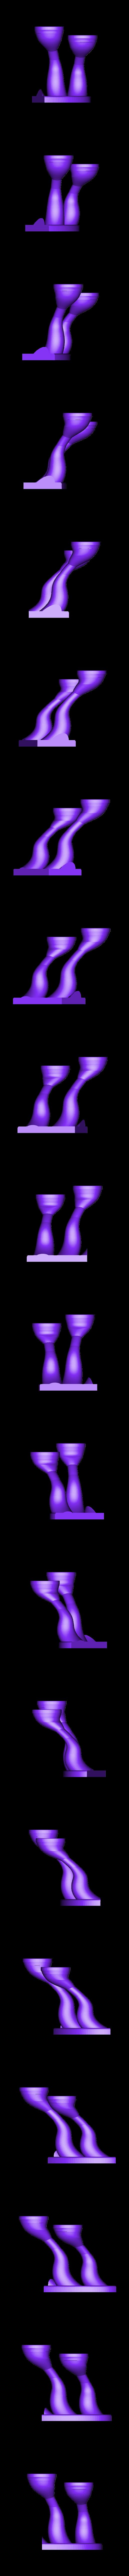 tealight_holder_v3_part_3.stl Télécharger fichier STL gratuit Porte-bougie à chauffe-plat • Design pour imprimante 3D, poblocki1982